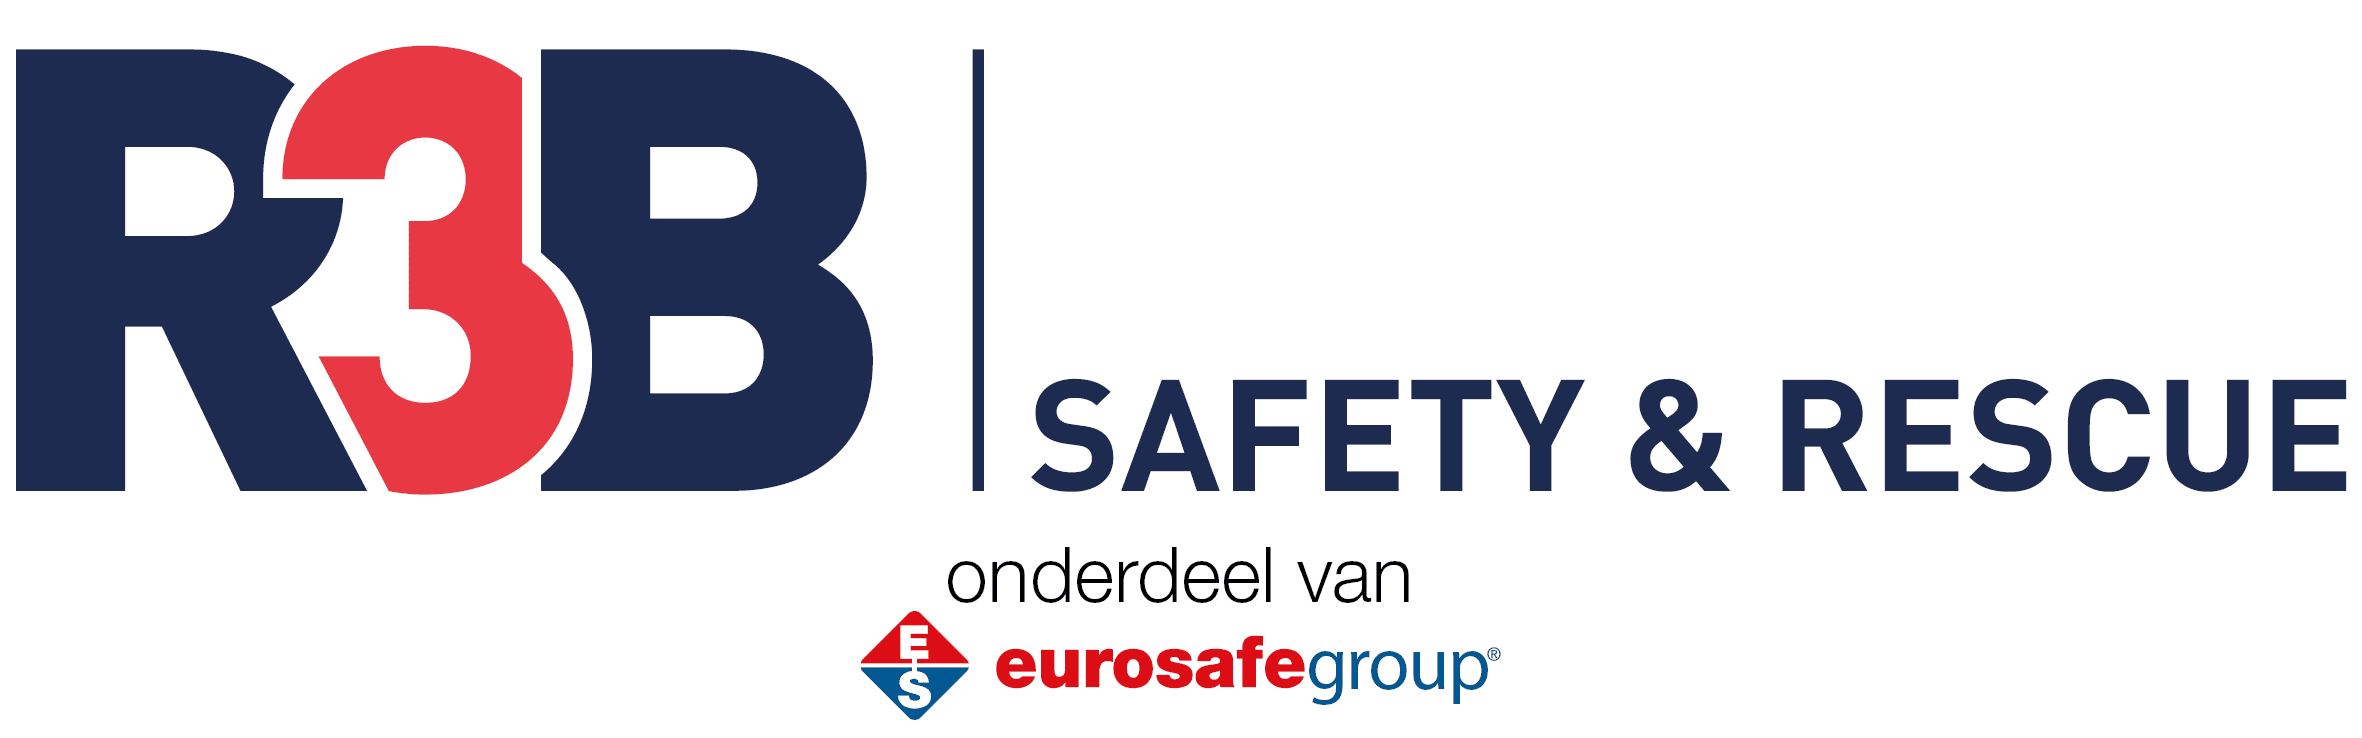 Kennisbank R3B Safety & Rescue